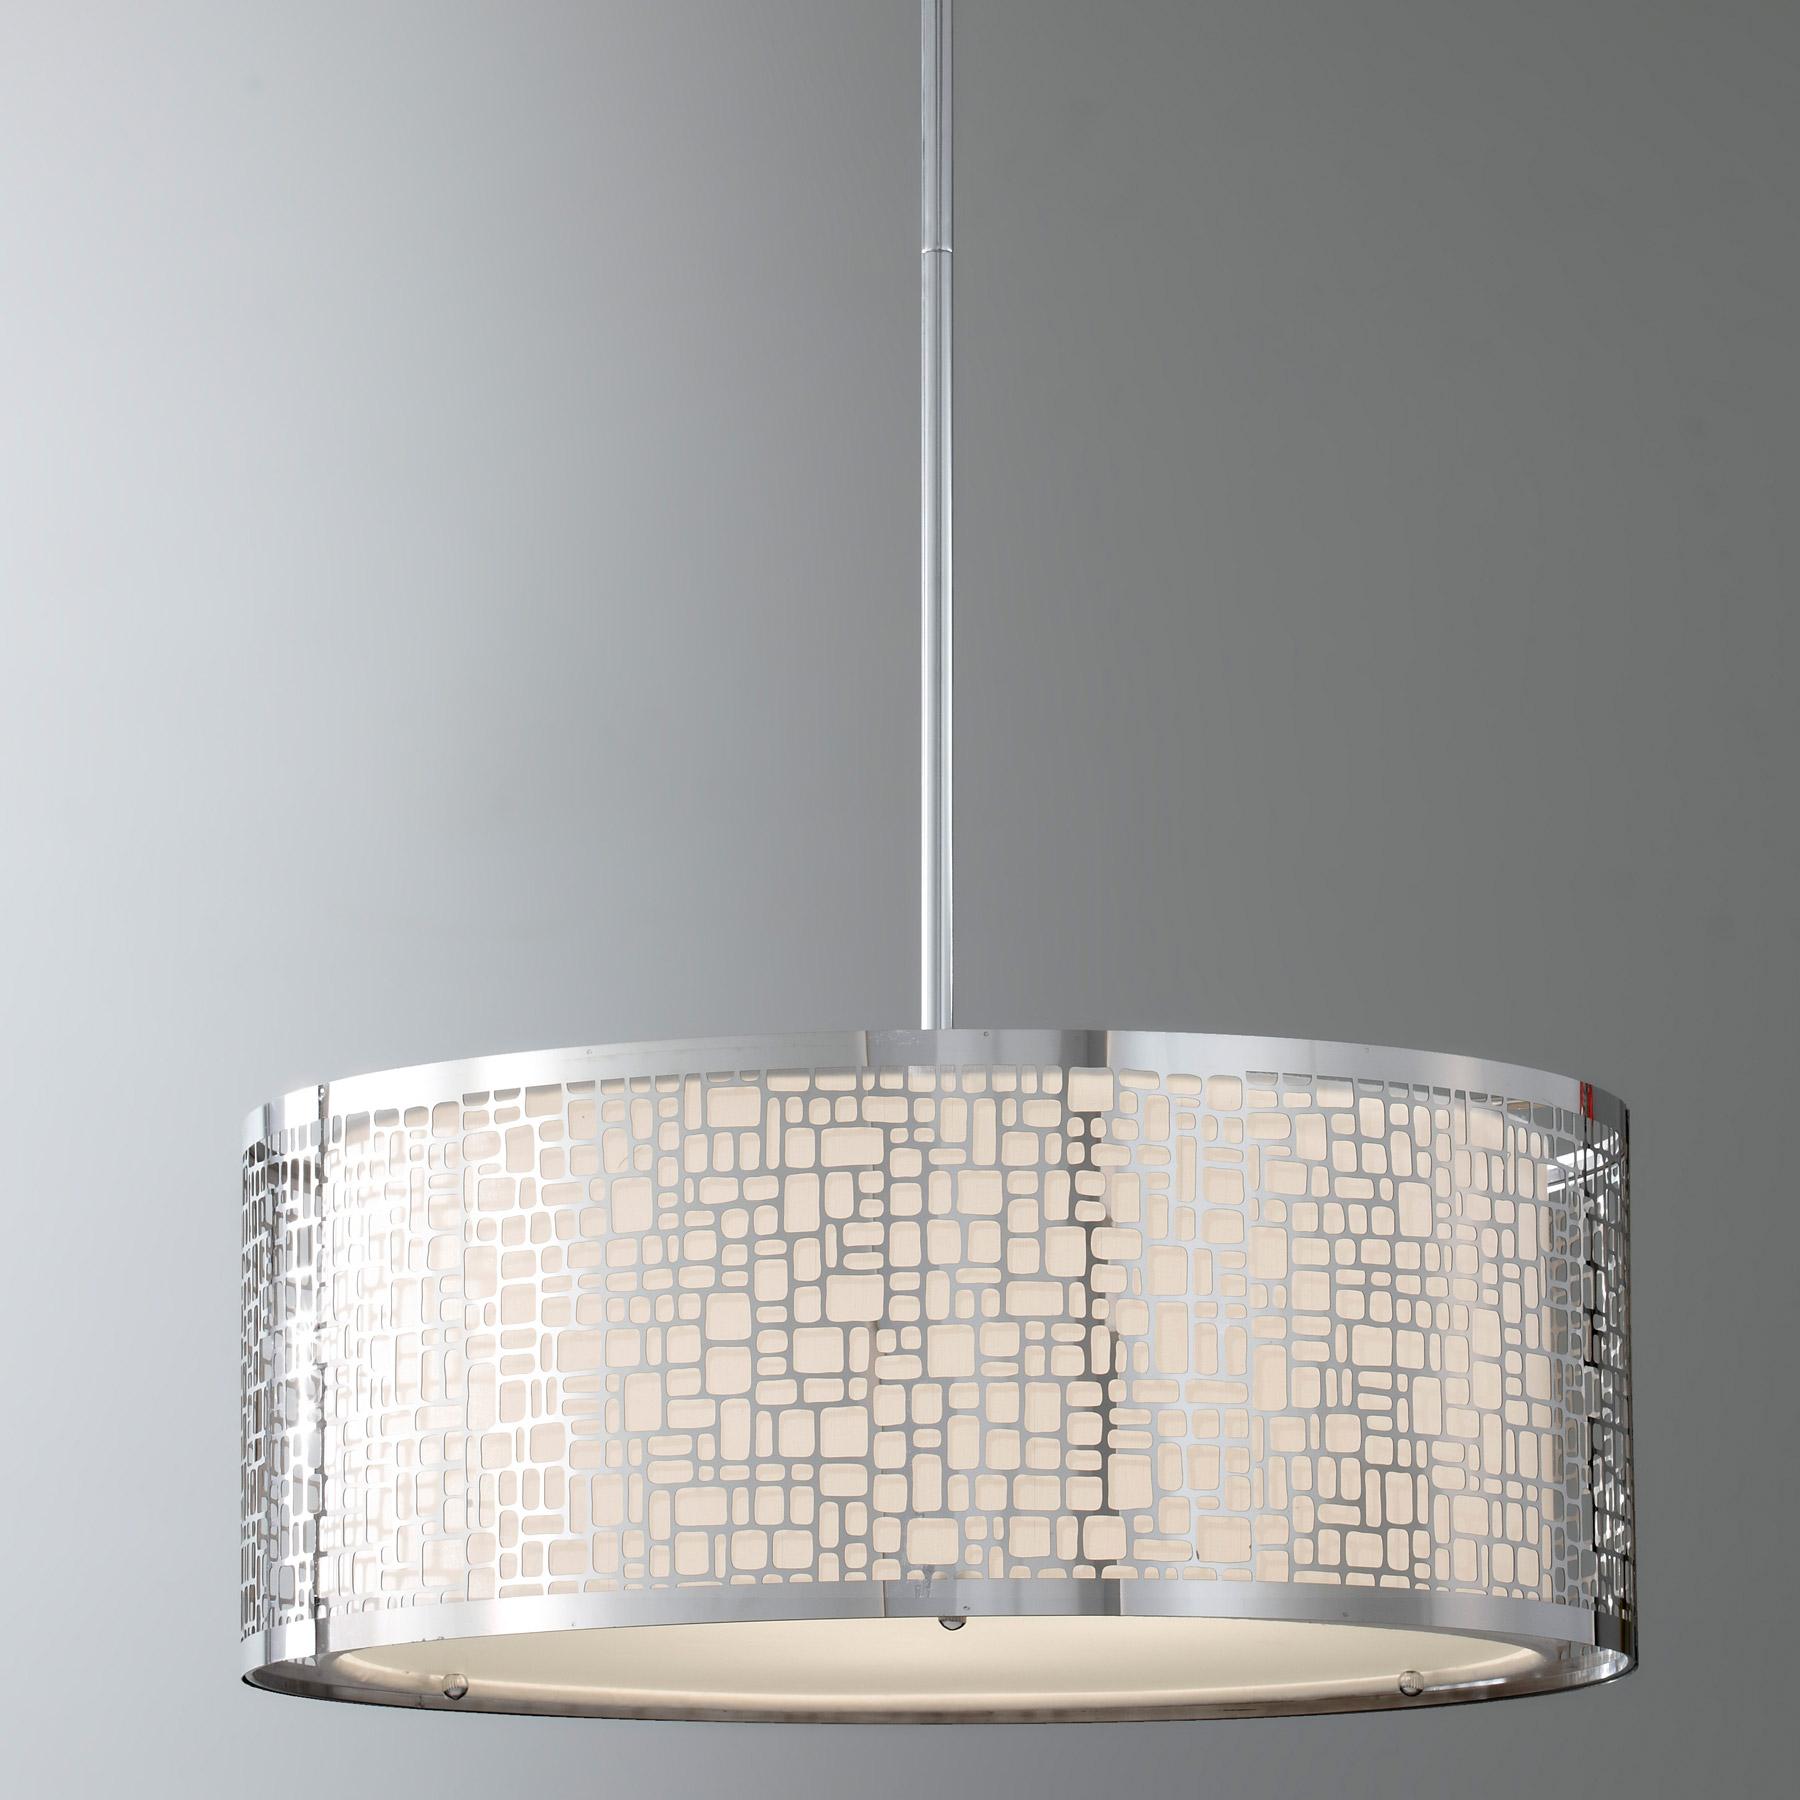 Murray Feiss Pendant Light